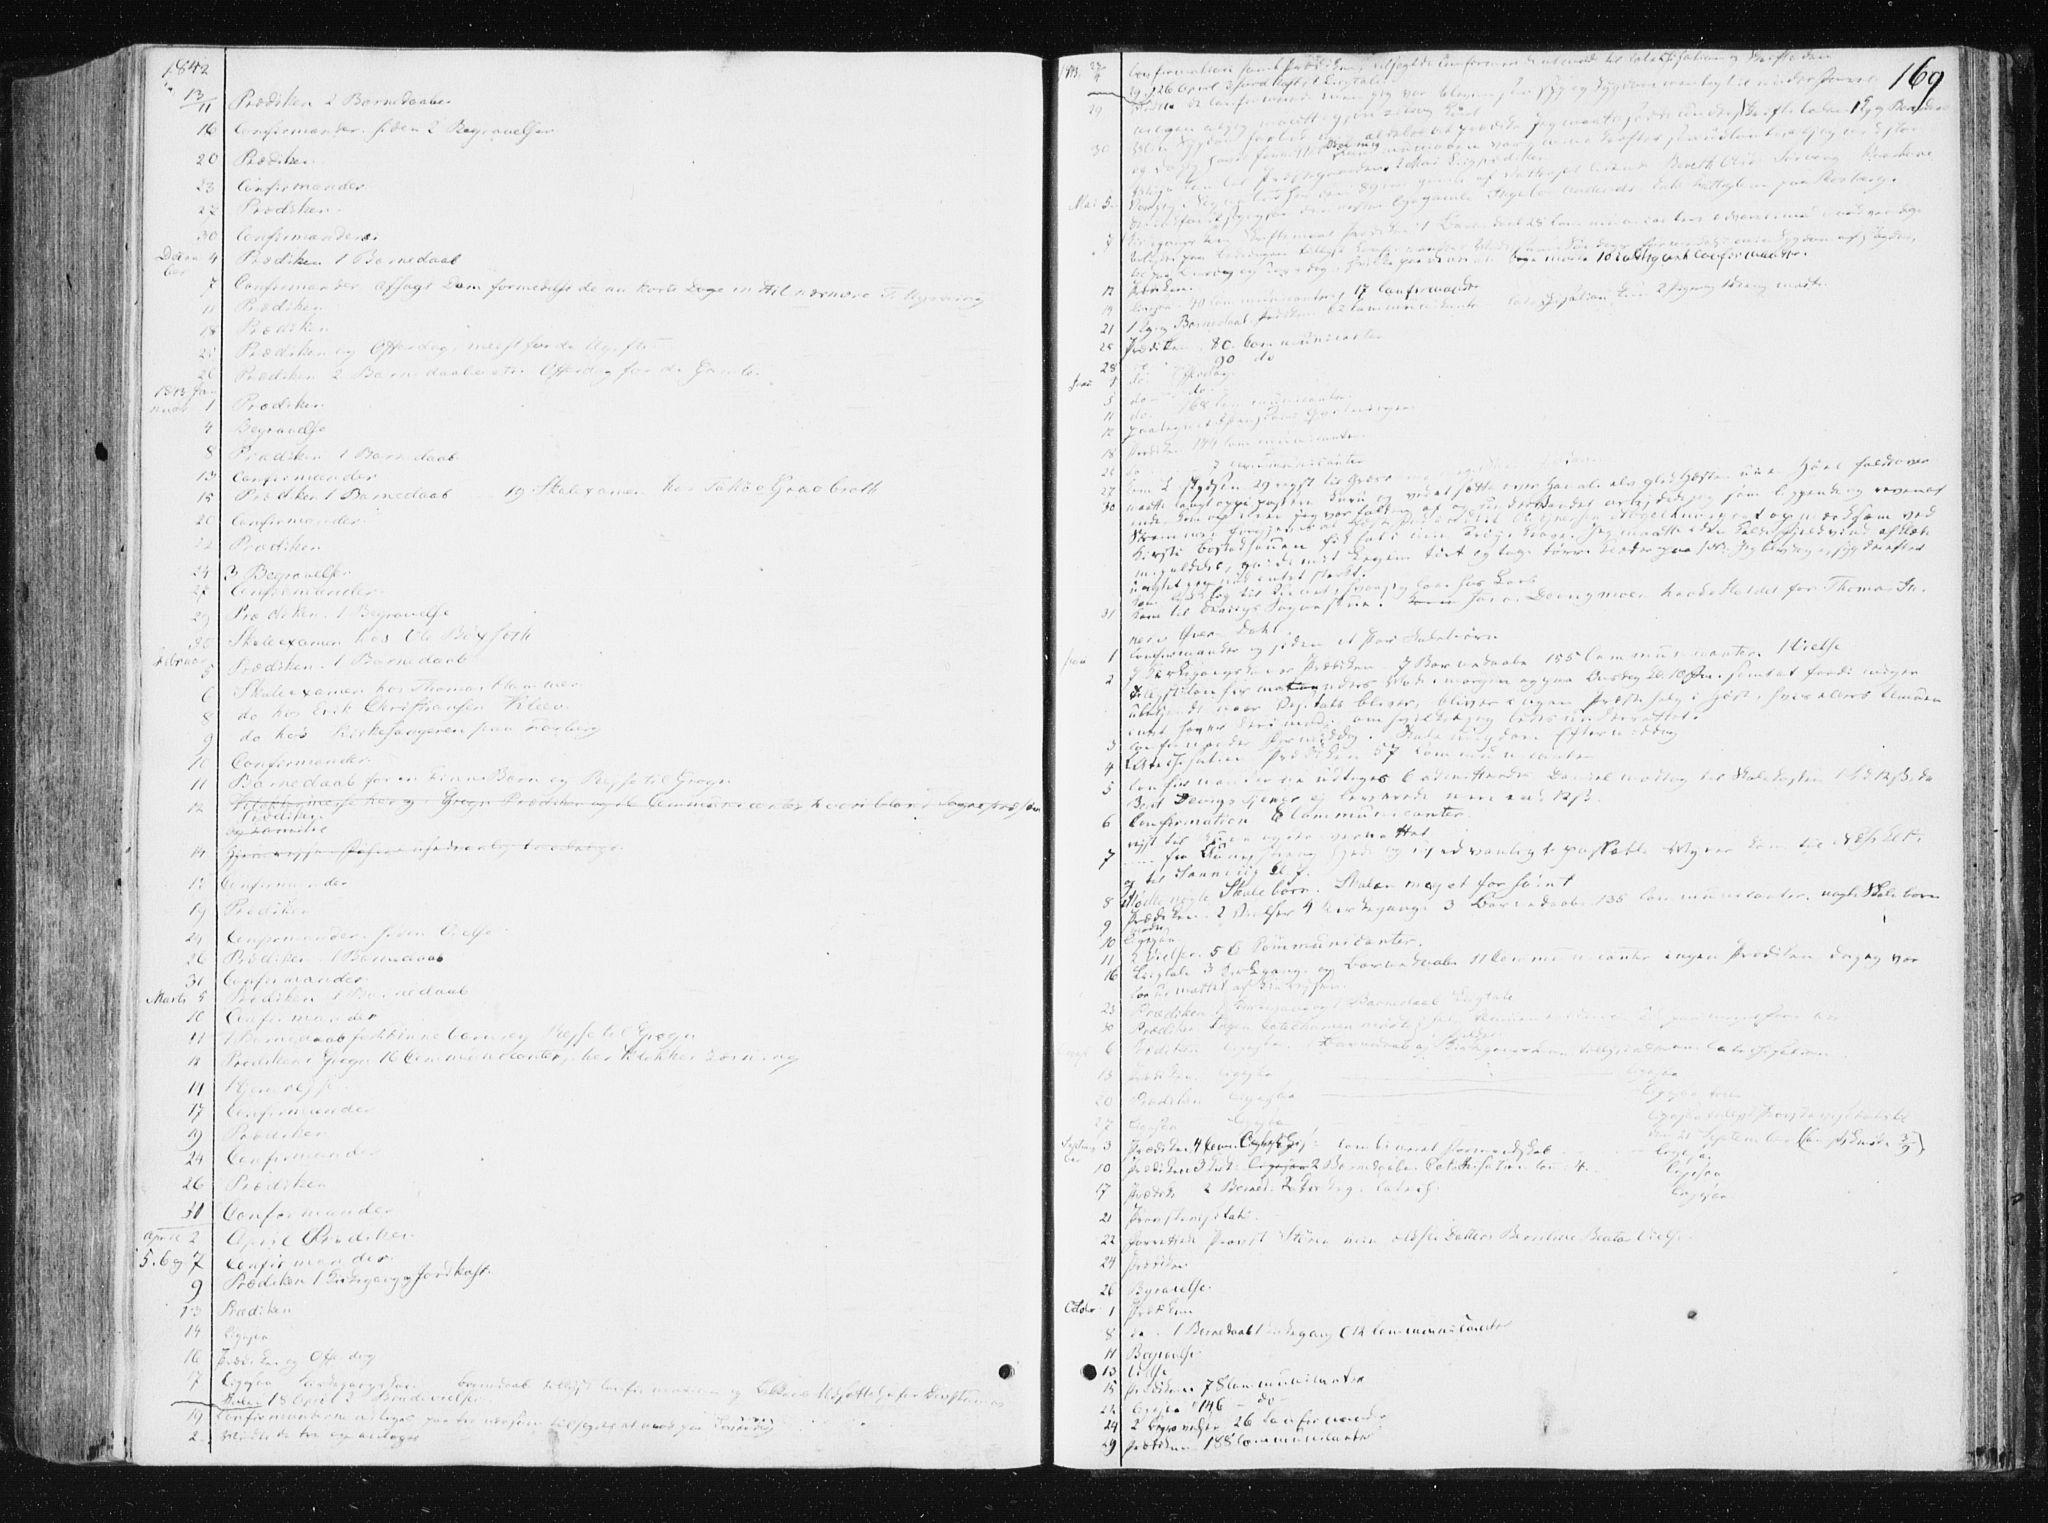 SAT, Ministerialprotokoller, klokkerbøker og fødselsregistre - Nord-Trøndelag, 749/L0470: Ministerialbok nr. 749A04, 1834-1853, s. 169